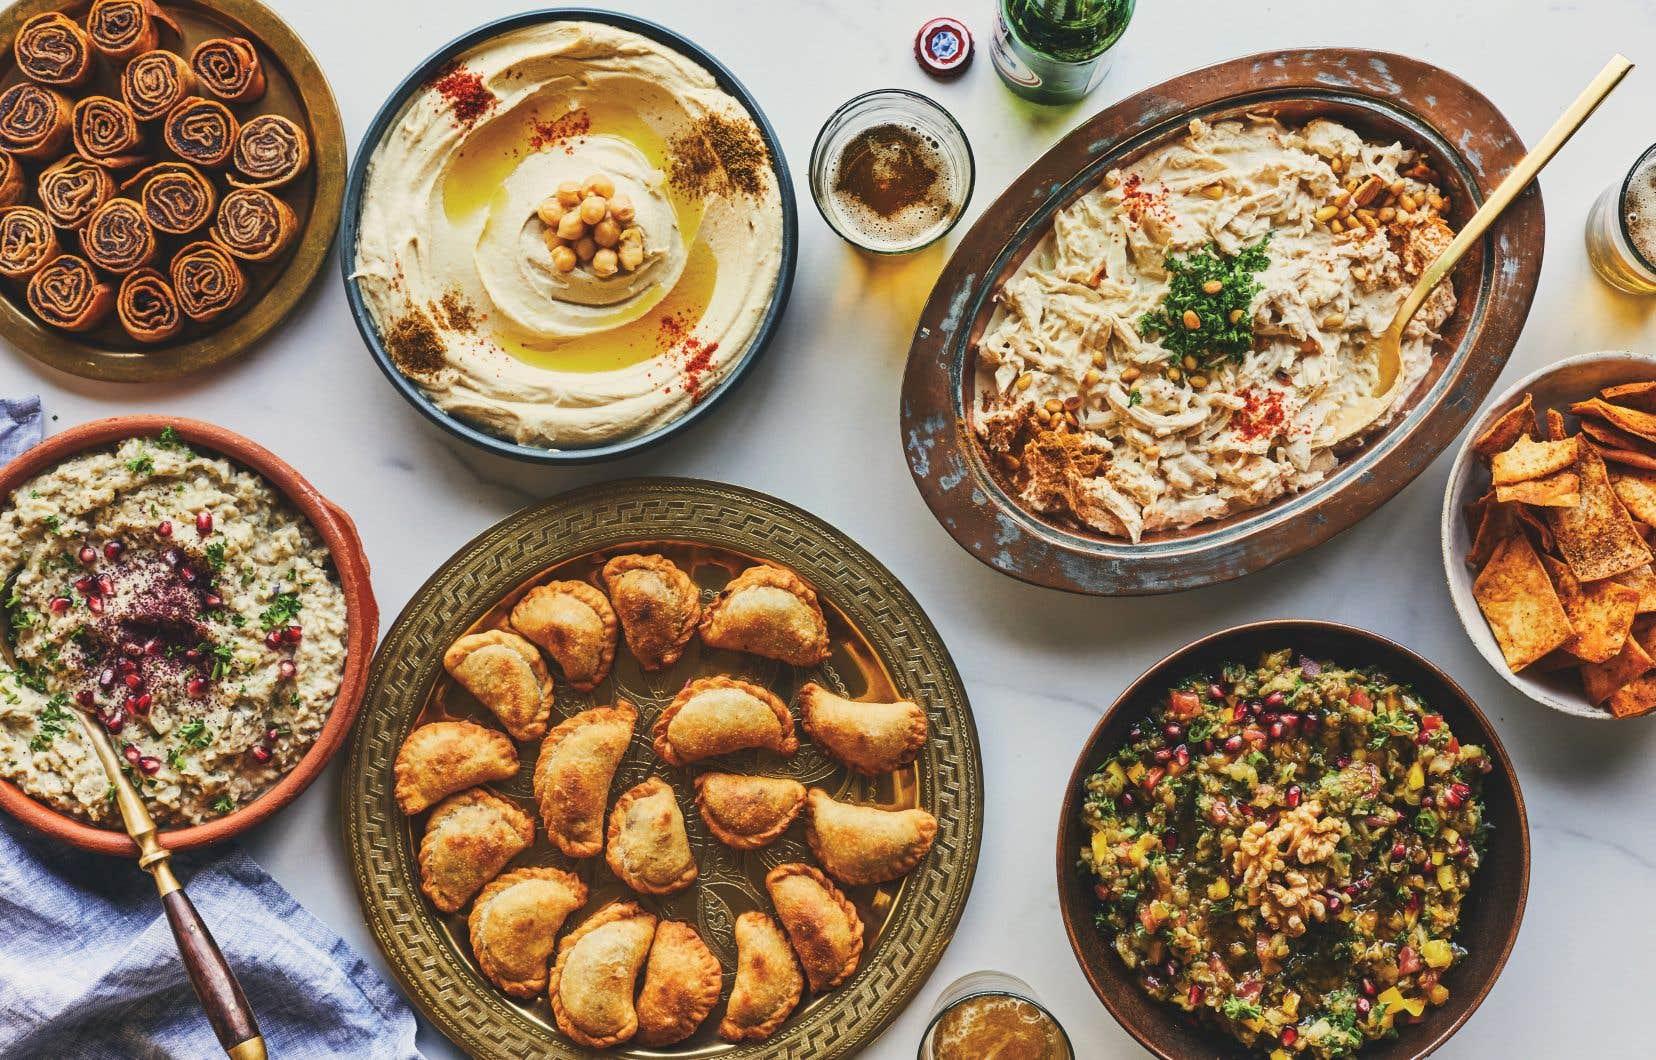 « [La cuisine syrienne] est une cuisine ancestrale et très variée, faite avec amour et beaucoup de patience», fait valoir Adelle Tarzibachi.